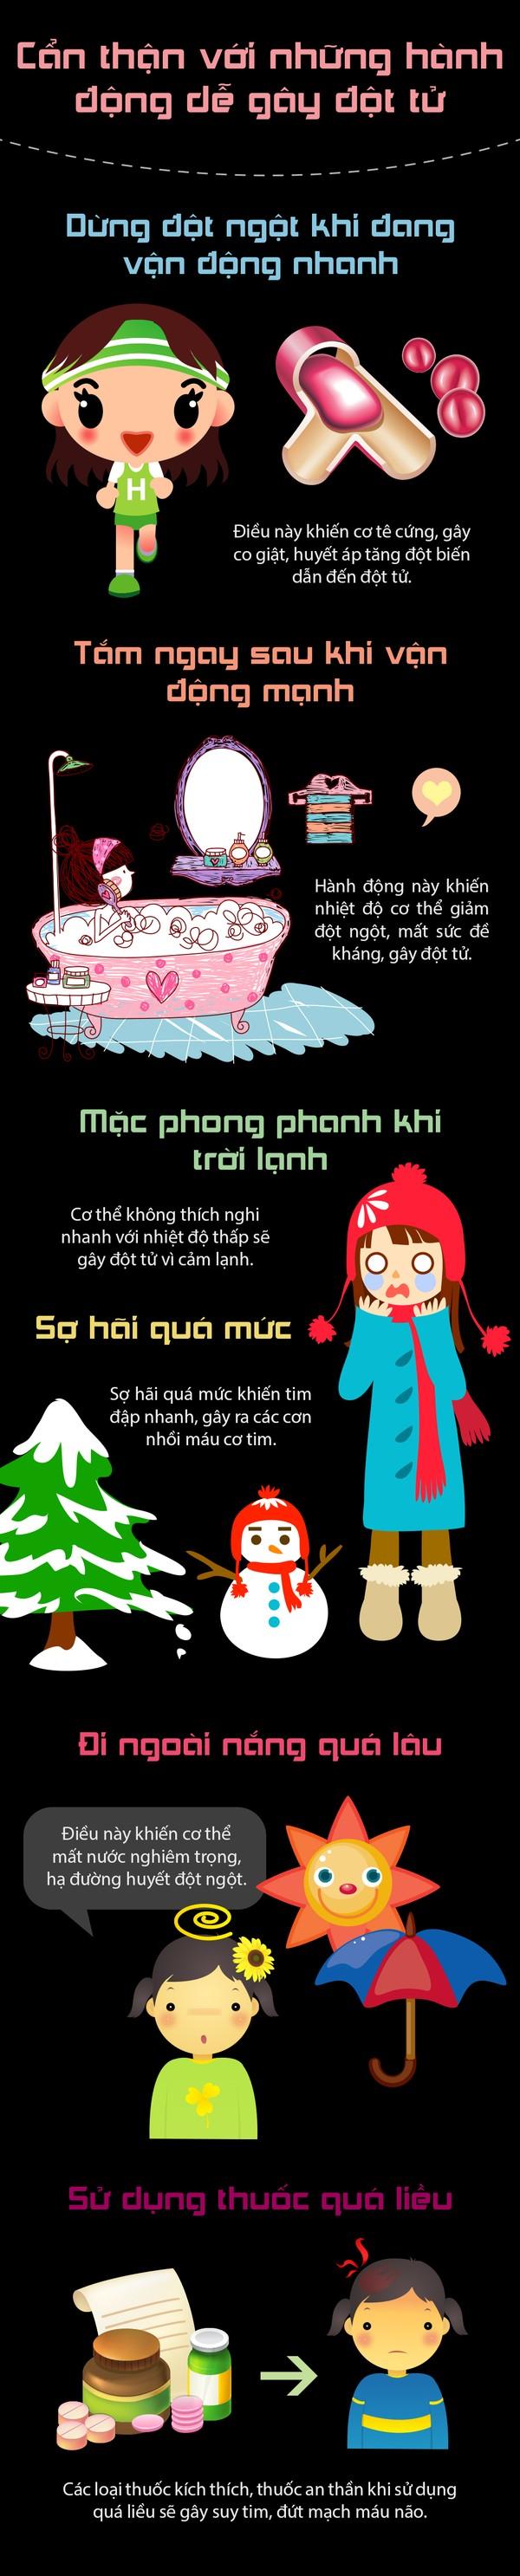 can-than-voi-nhung-hanh-dong-de-gay-dot-tu.jpg